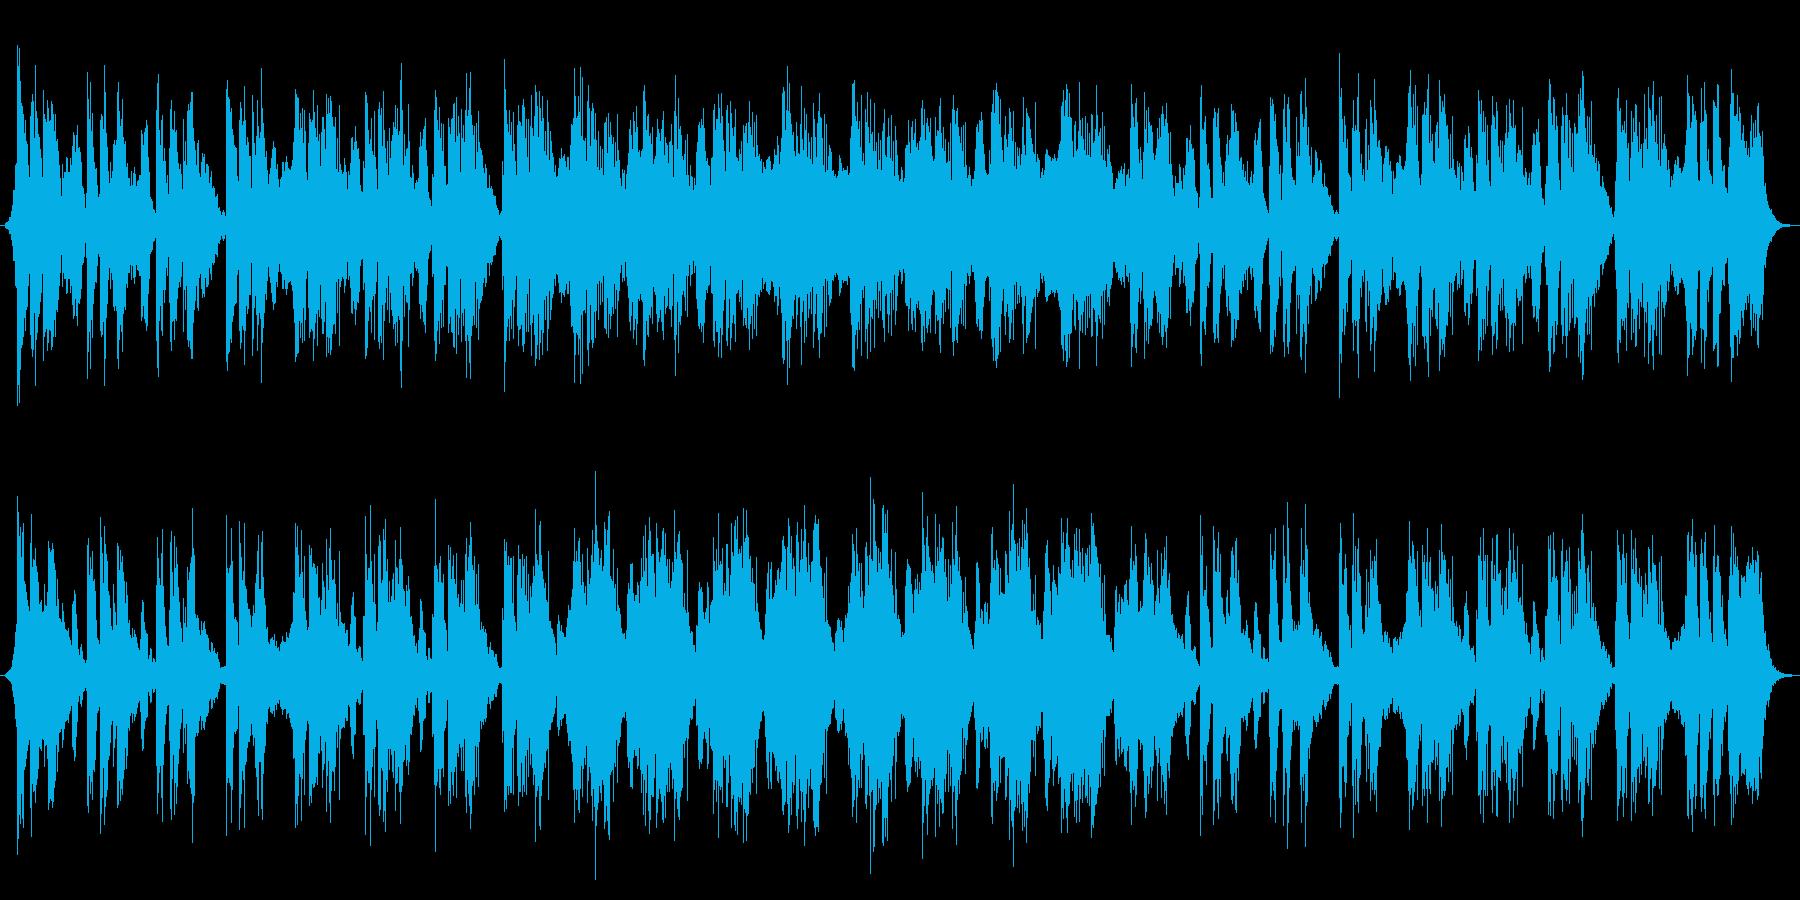 決戦前、緊張感のあるEpicオーケストラの再生済みの波形